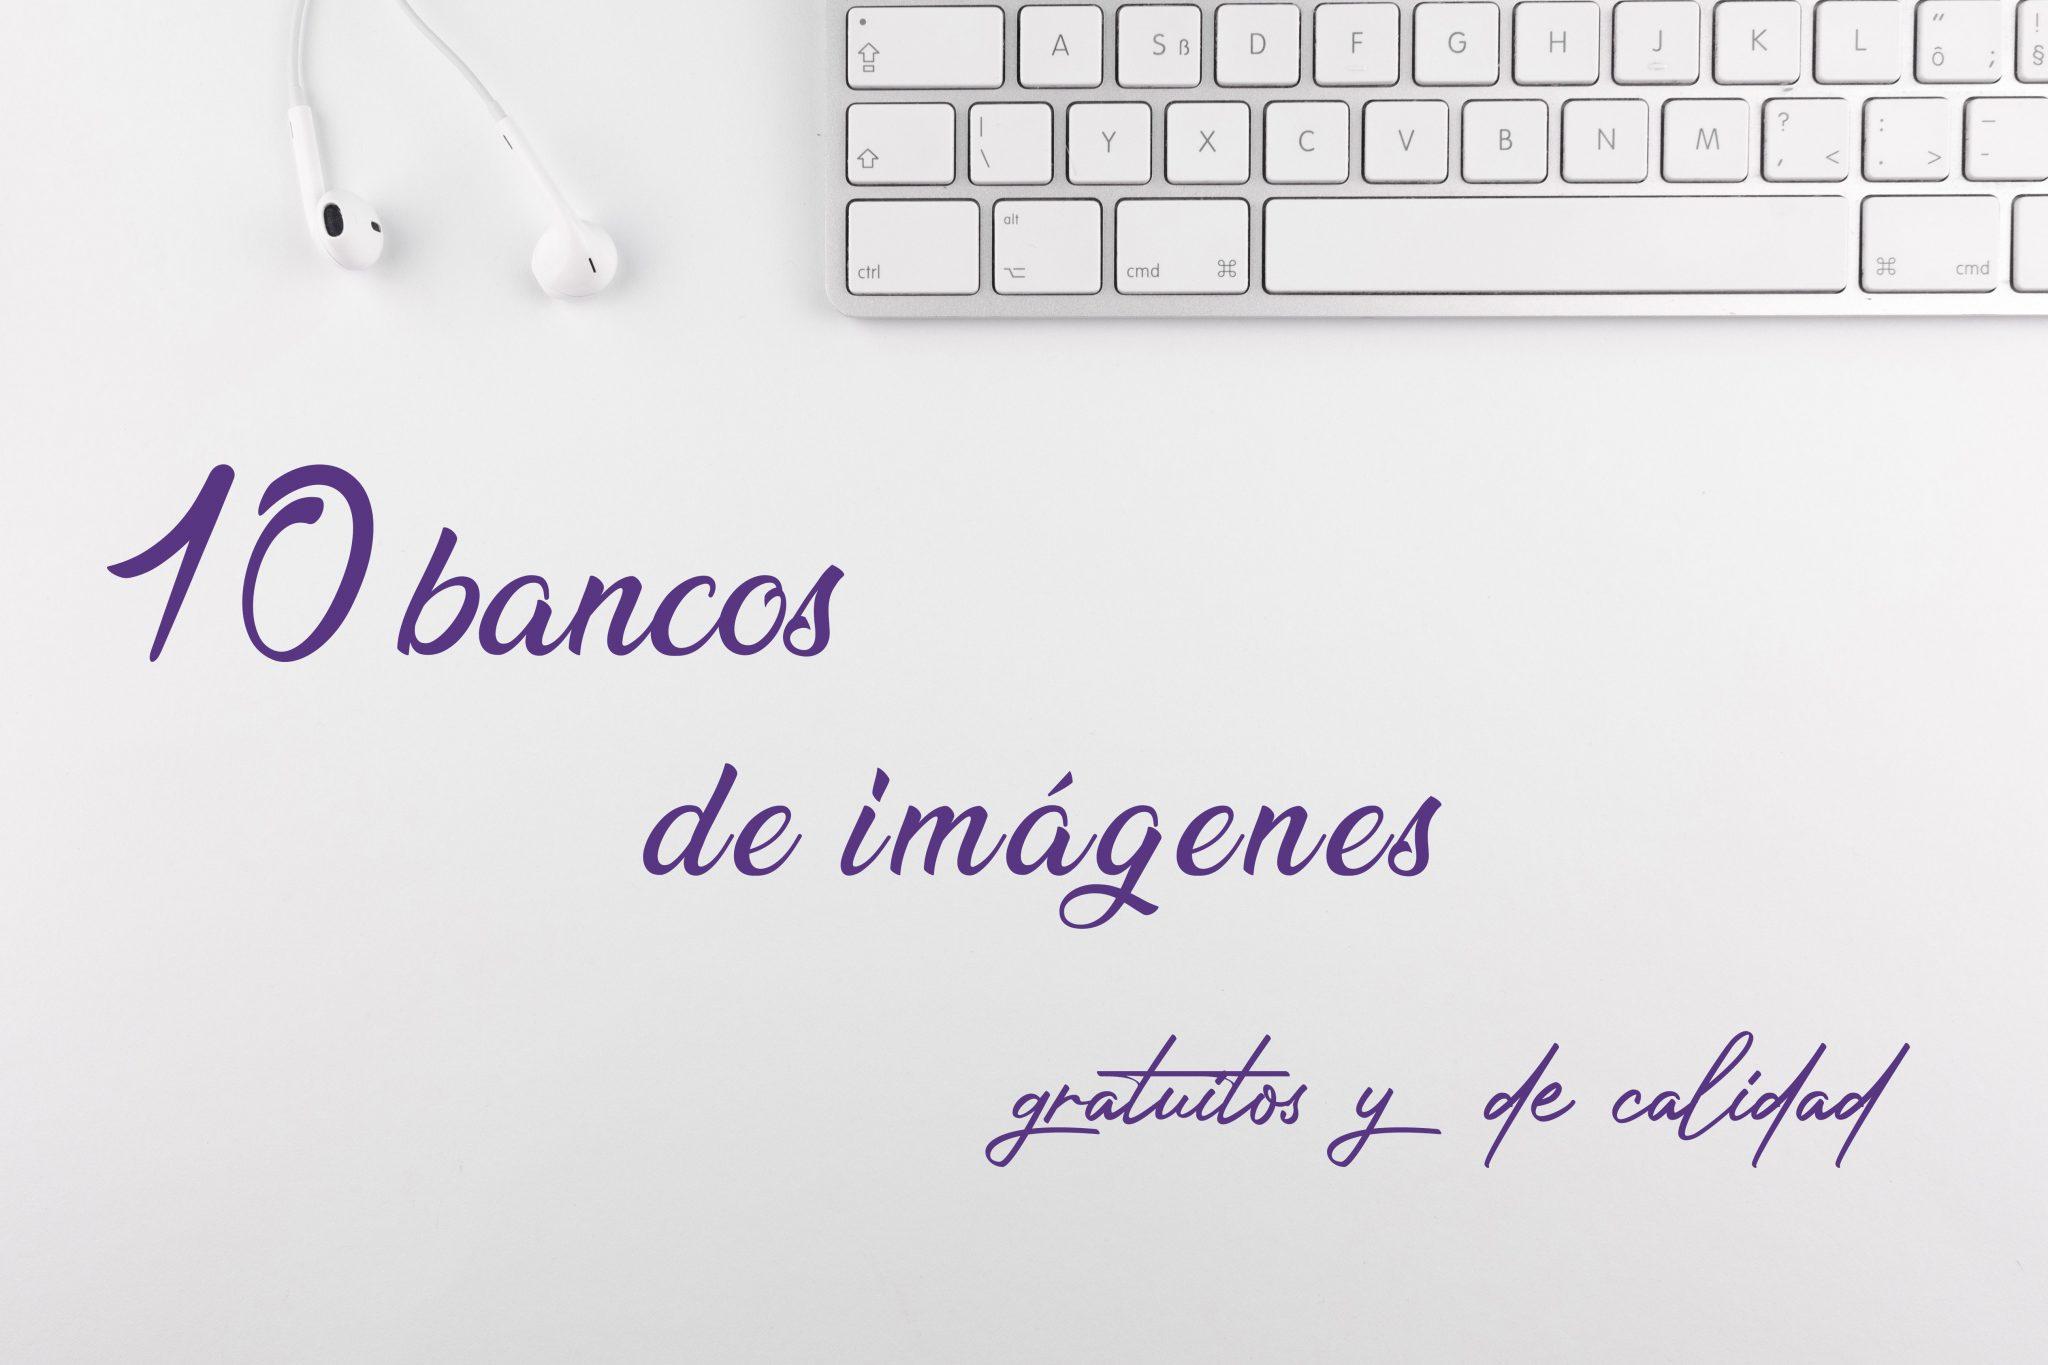 Bancos-Imágenes-Gratuitas---Blog-Nerea-Orgambides